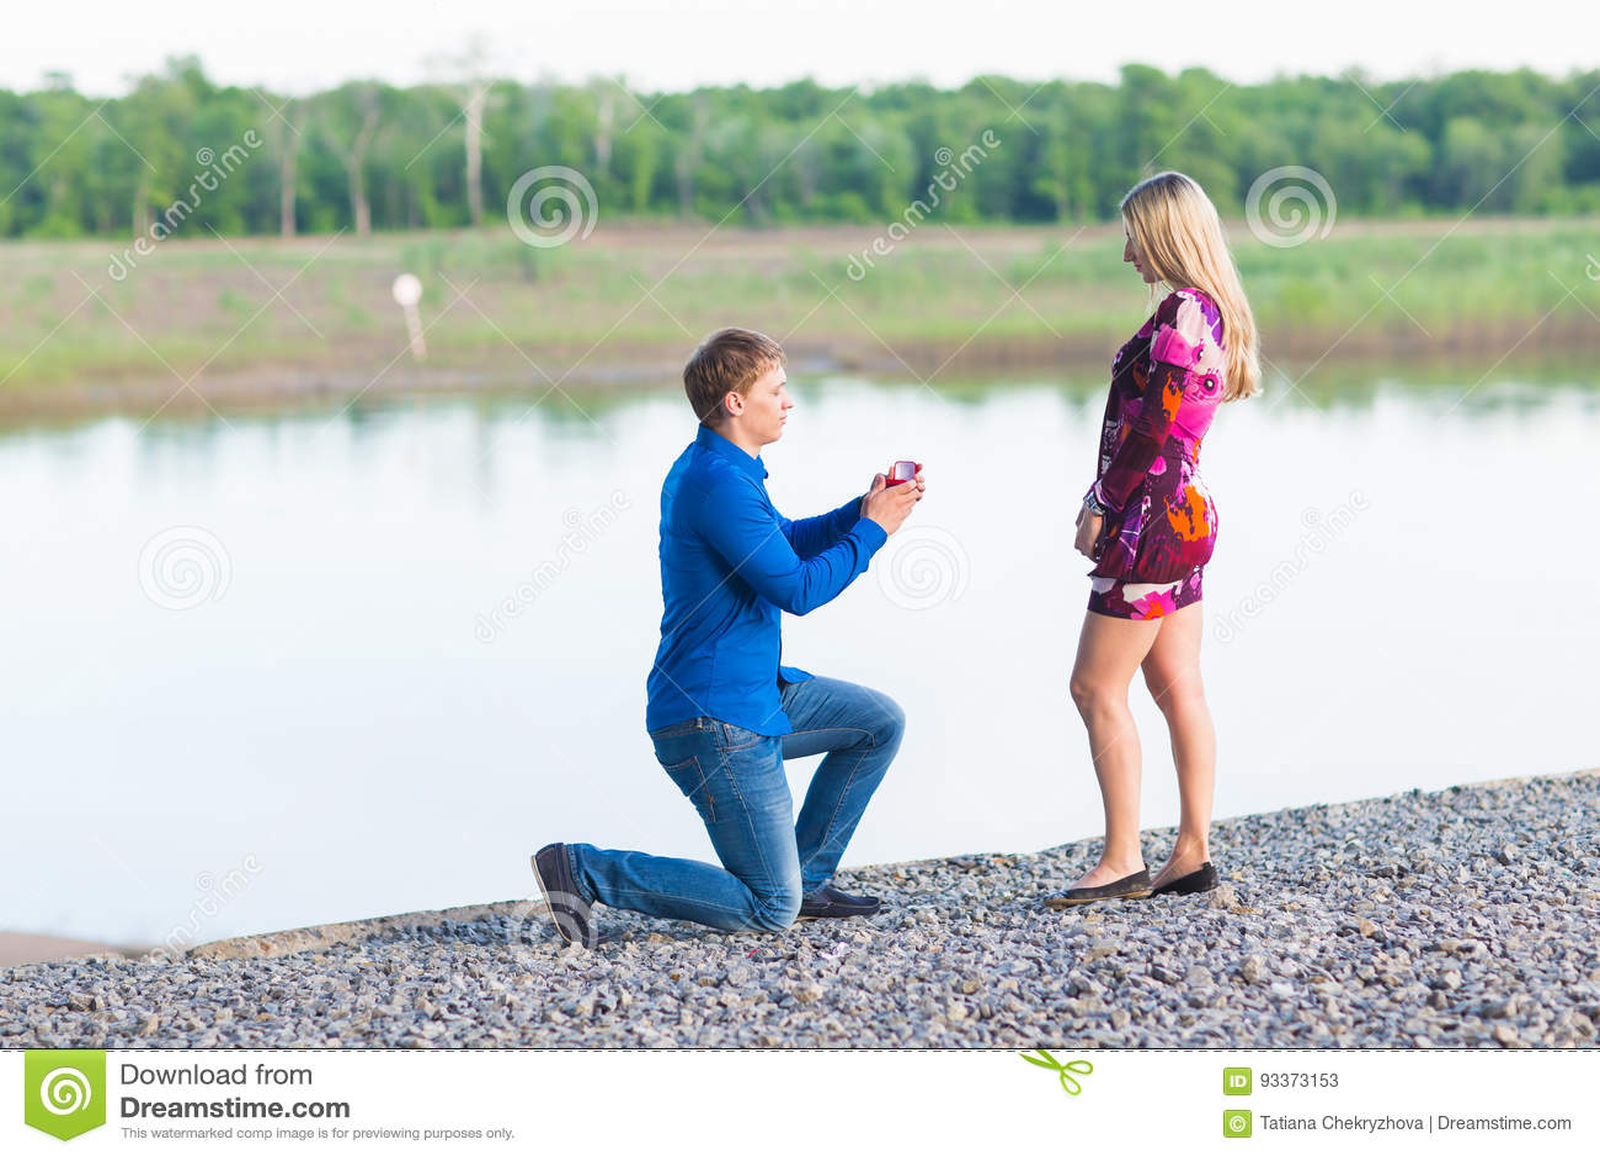 vendetta cast dating